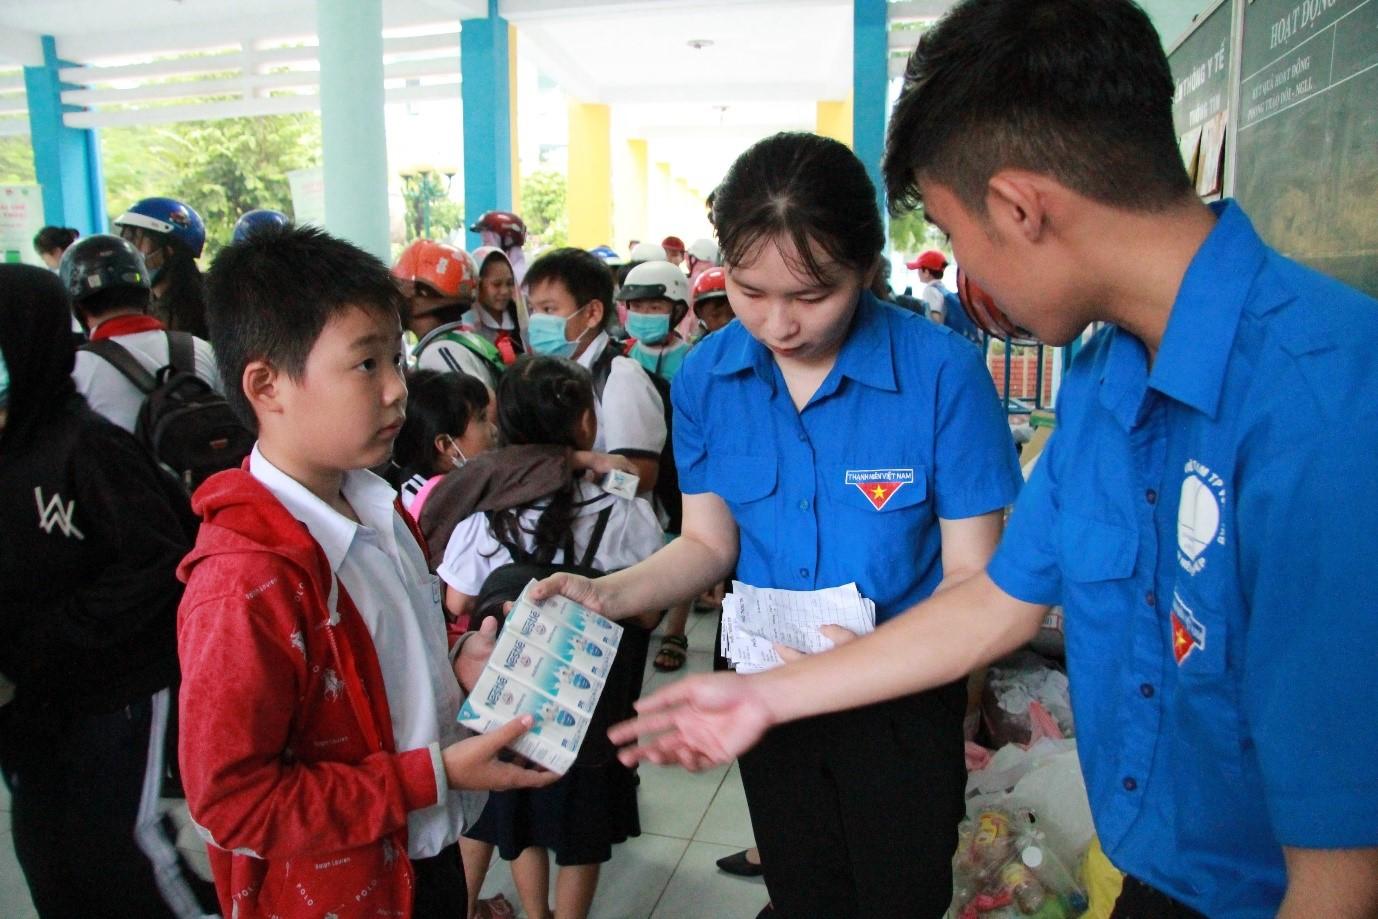 Ảnh 4: Đoàn viên xã Long Sơn hỗ trợ và triển khai ngày hội Đổi rác lấy quà trên điện thoại